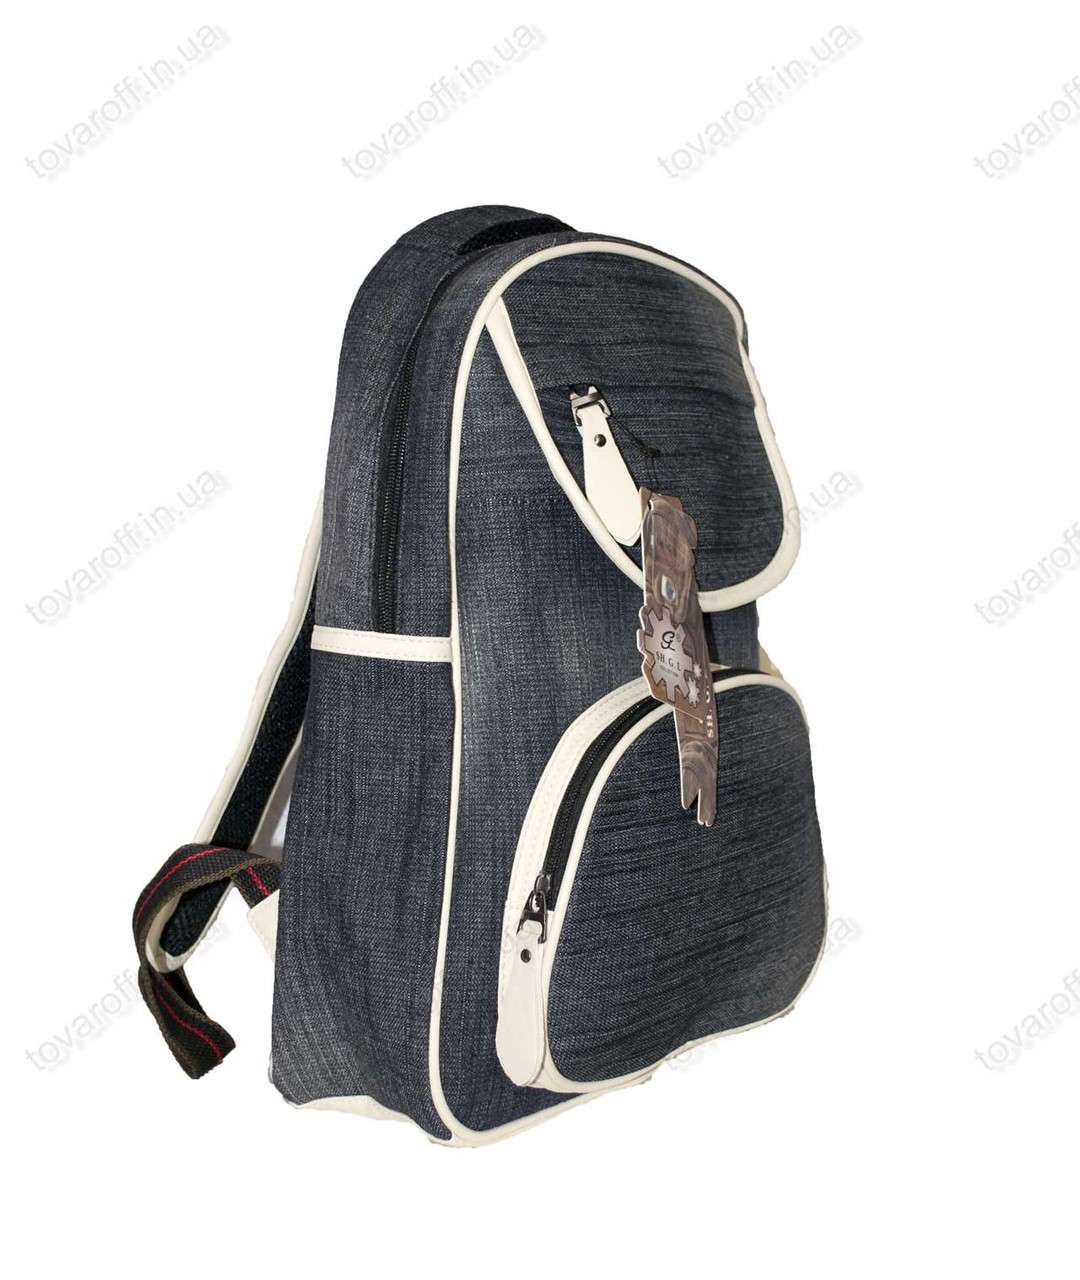 Рюкзак школьный/городской джинсовый - Серый - 6181